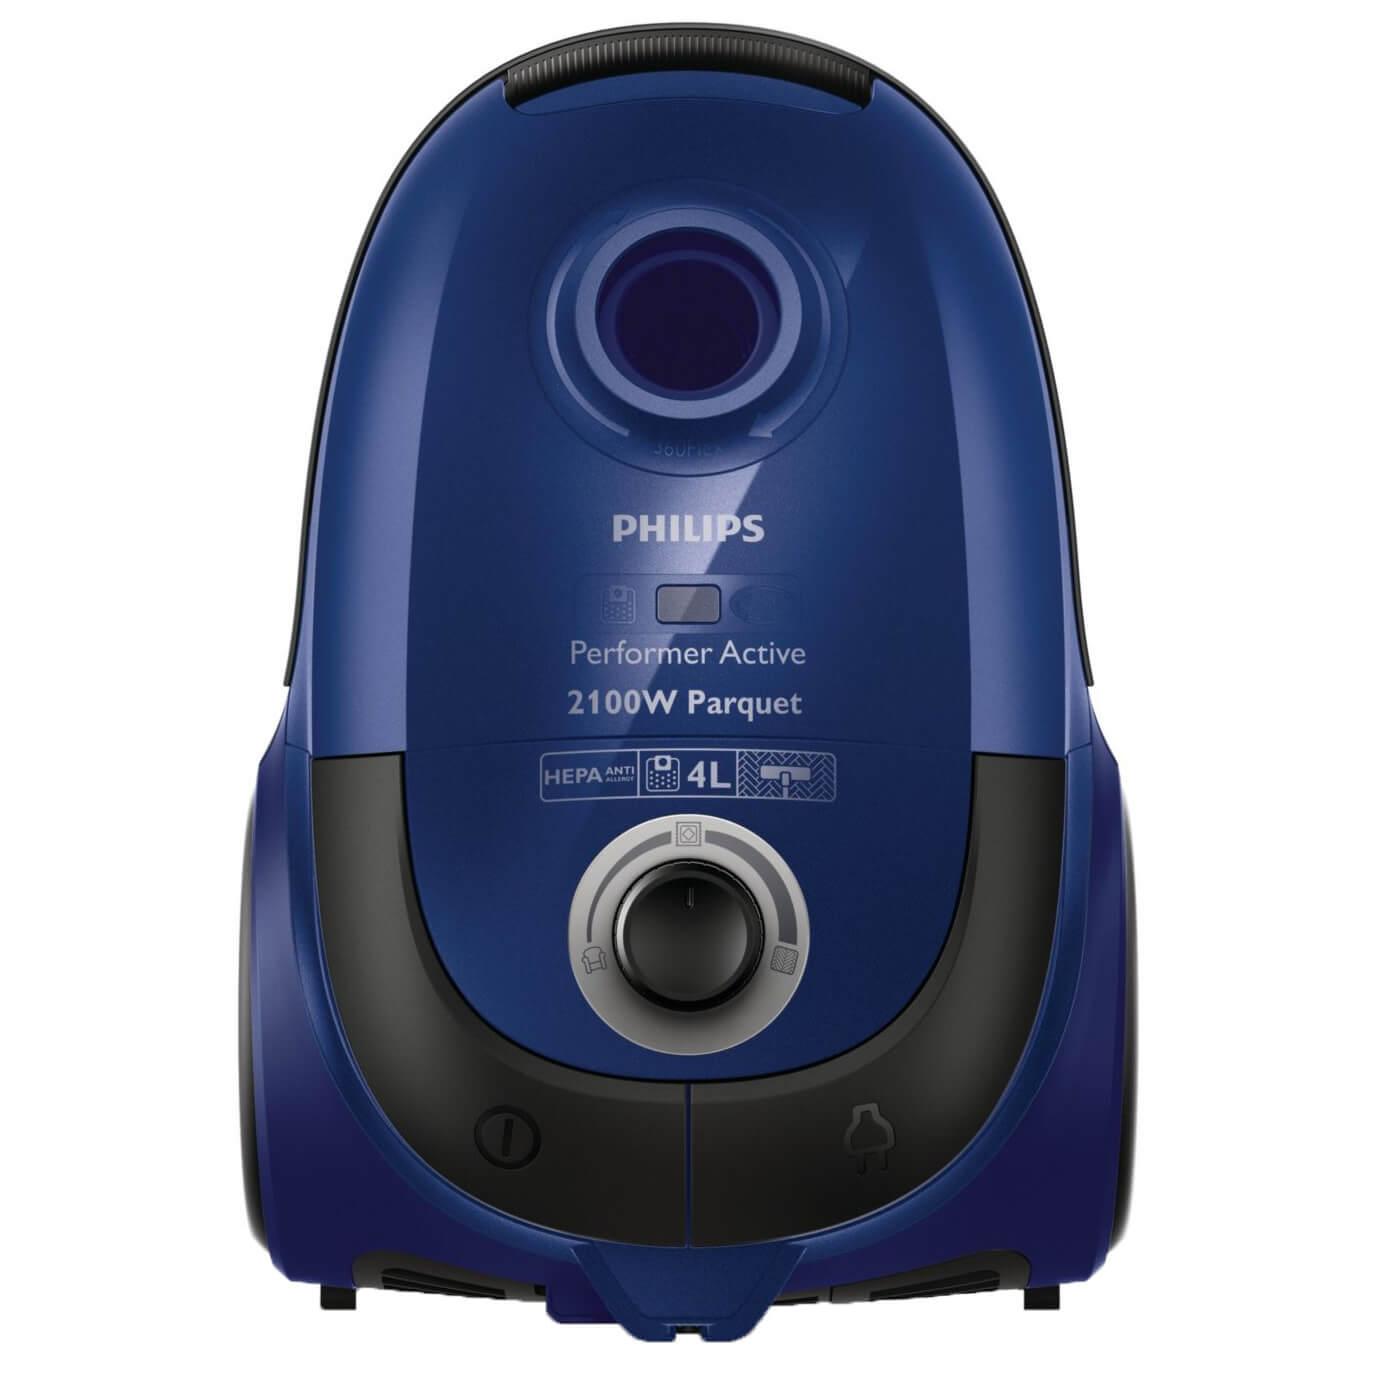 aspirator-philips-2100w